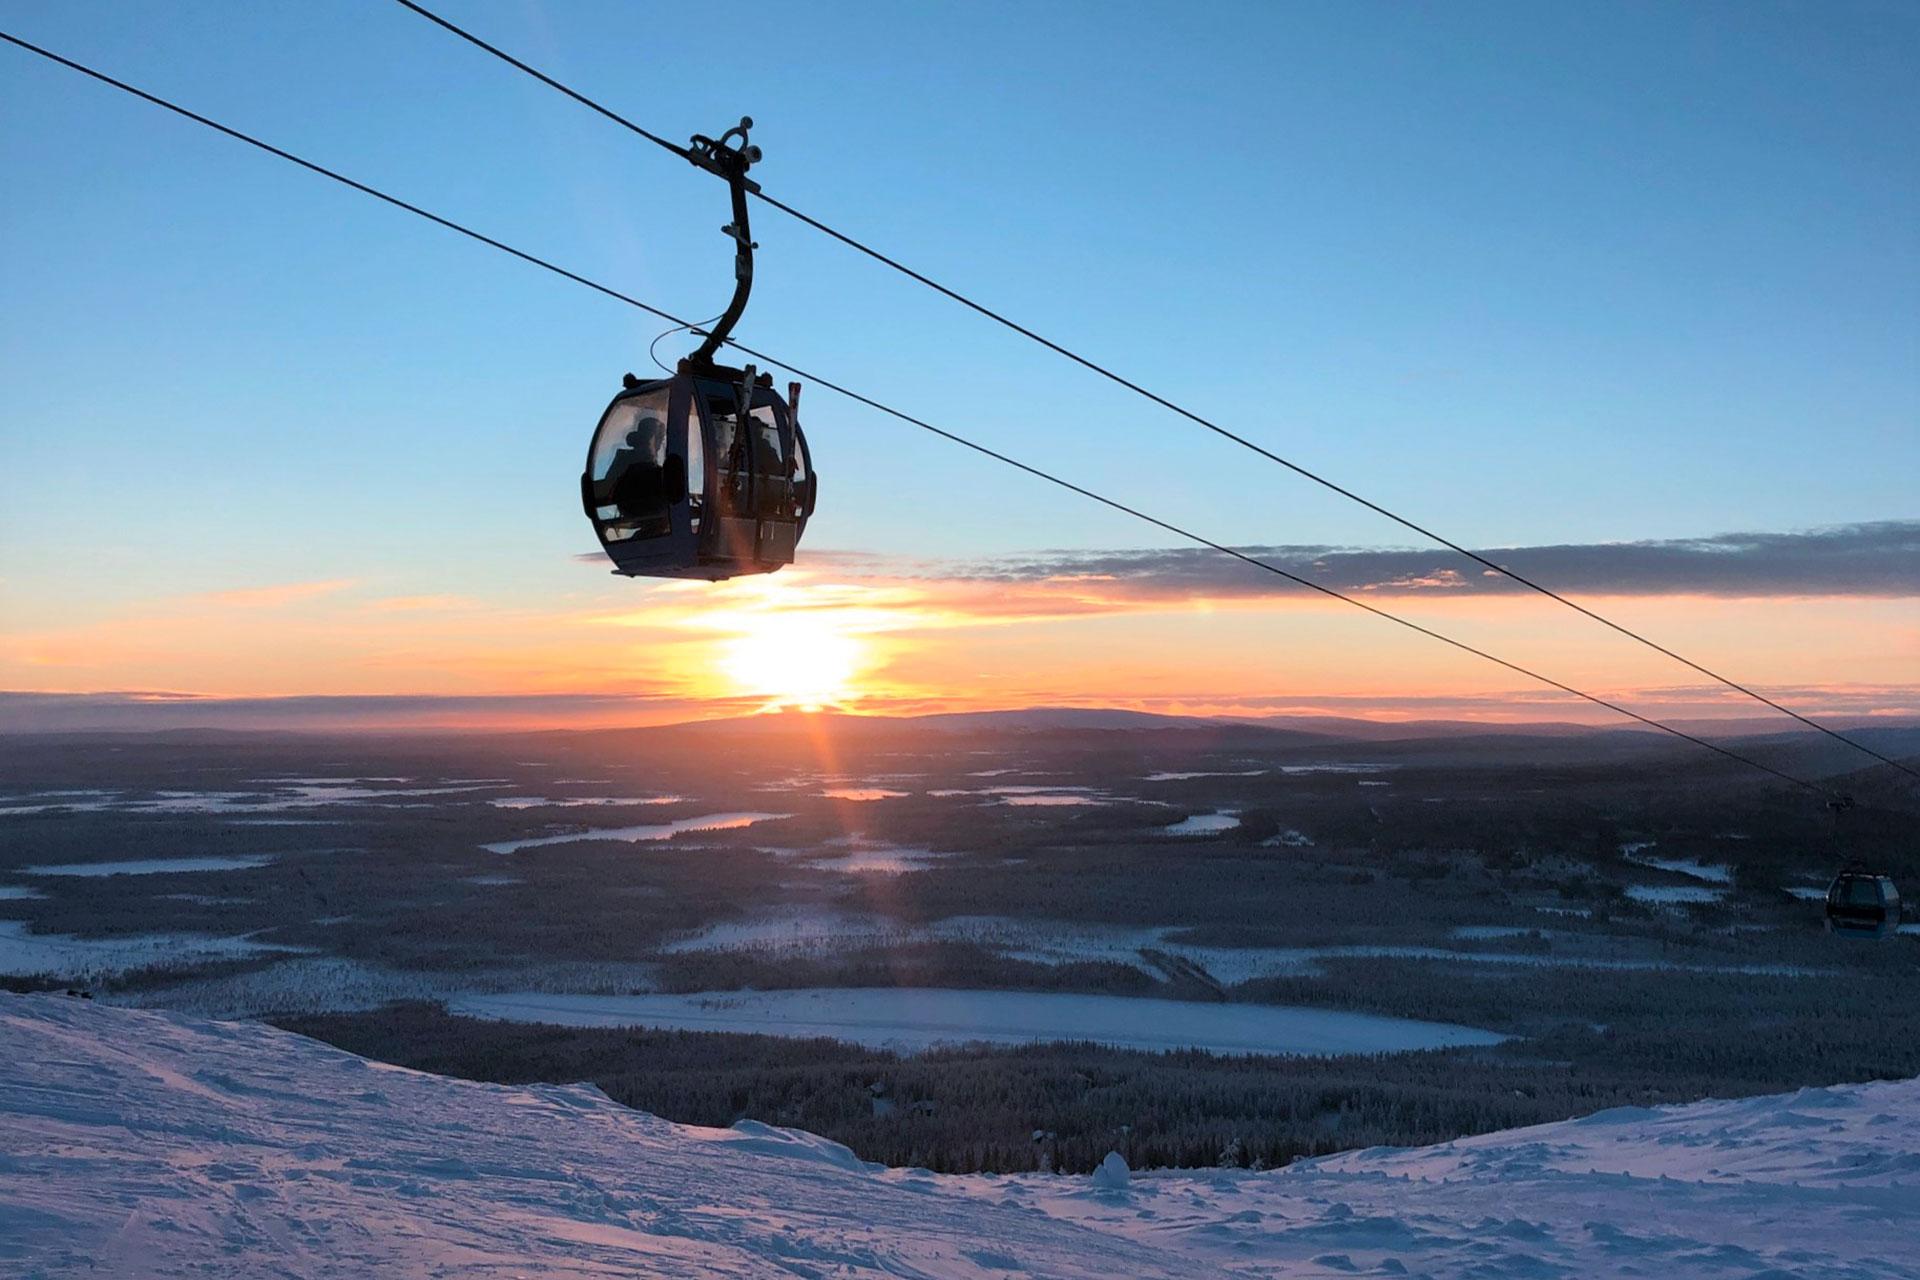 Talvilomalla Levillä voit nähdä upeita auringonlaskuja myös majoittuen Hotel Levi Panormassa, maisemahotellissa eturinteellä.